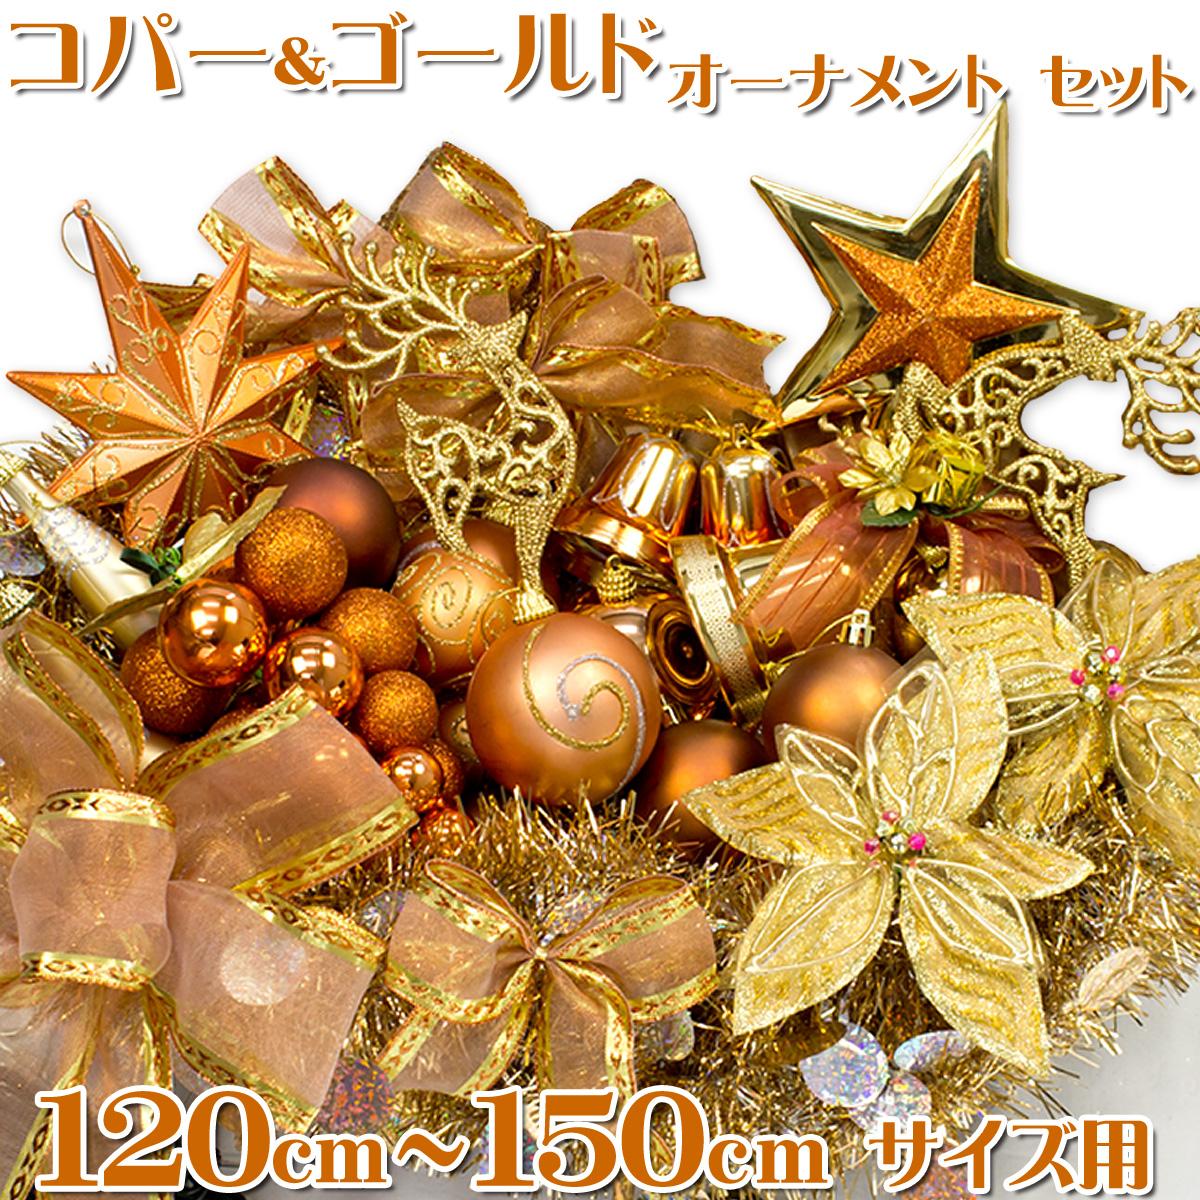 クリスマスツリー オーナメントセット 120~150cm コパー&ゴールド 赤茶色 カッパ― 飾り セット